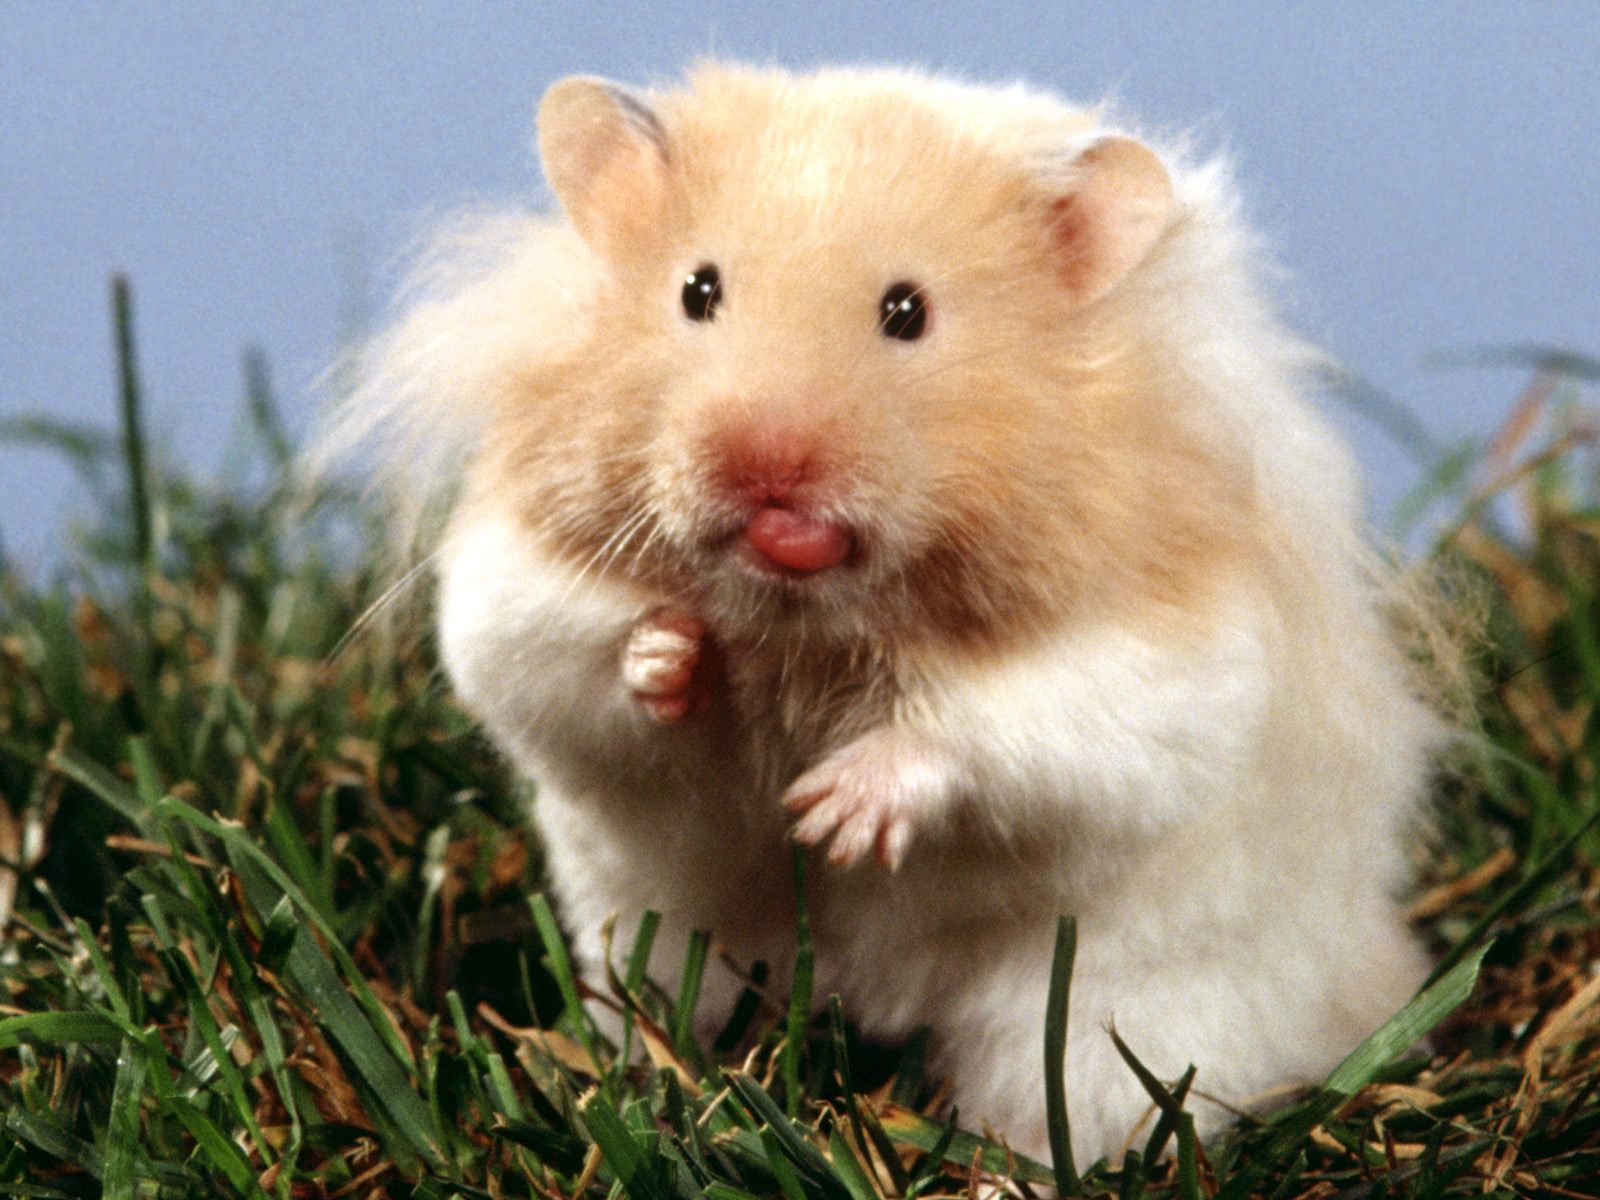 Hamster Lovely Desktop Backdrop Hamster Lovely Photography Wallpaper 1600x1200